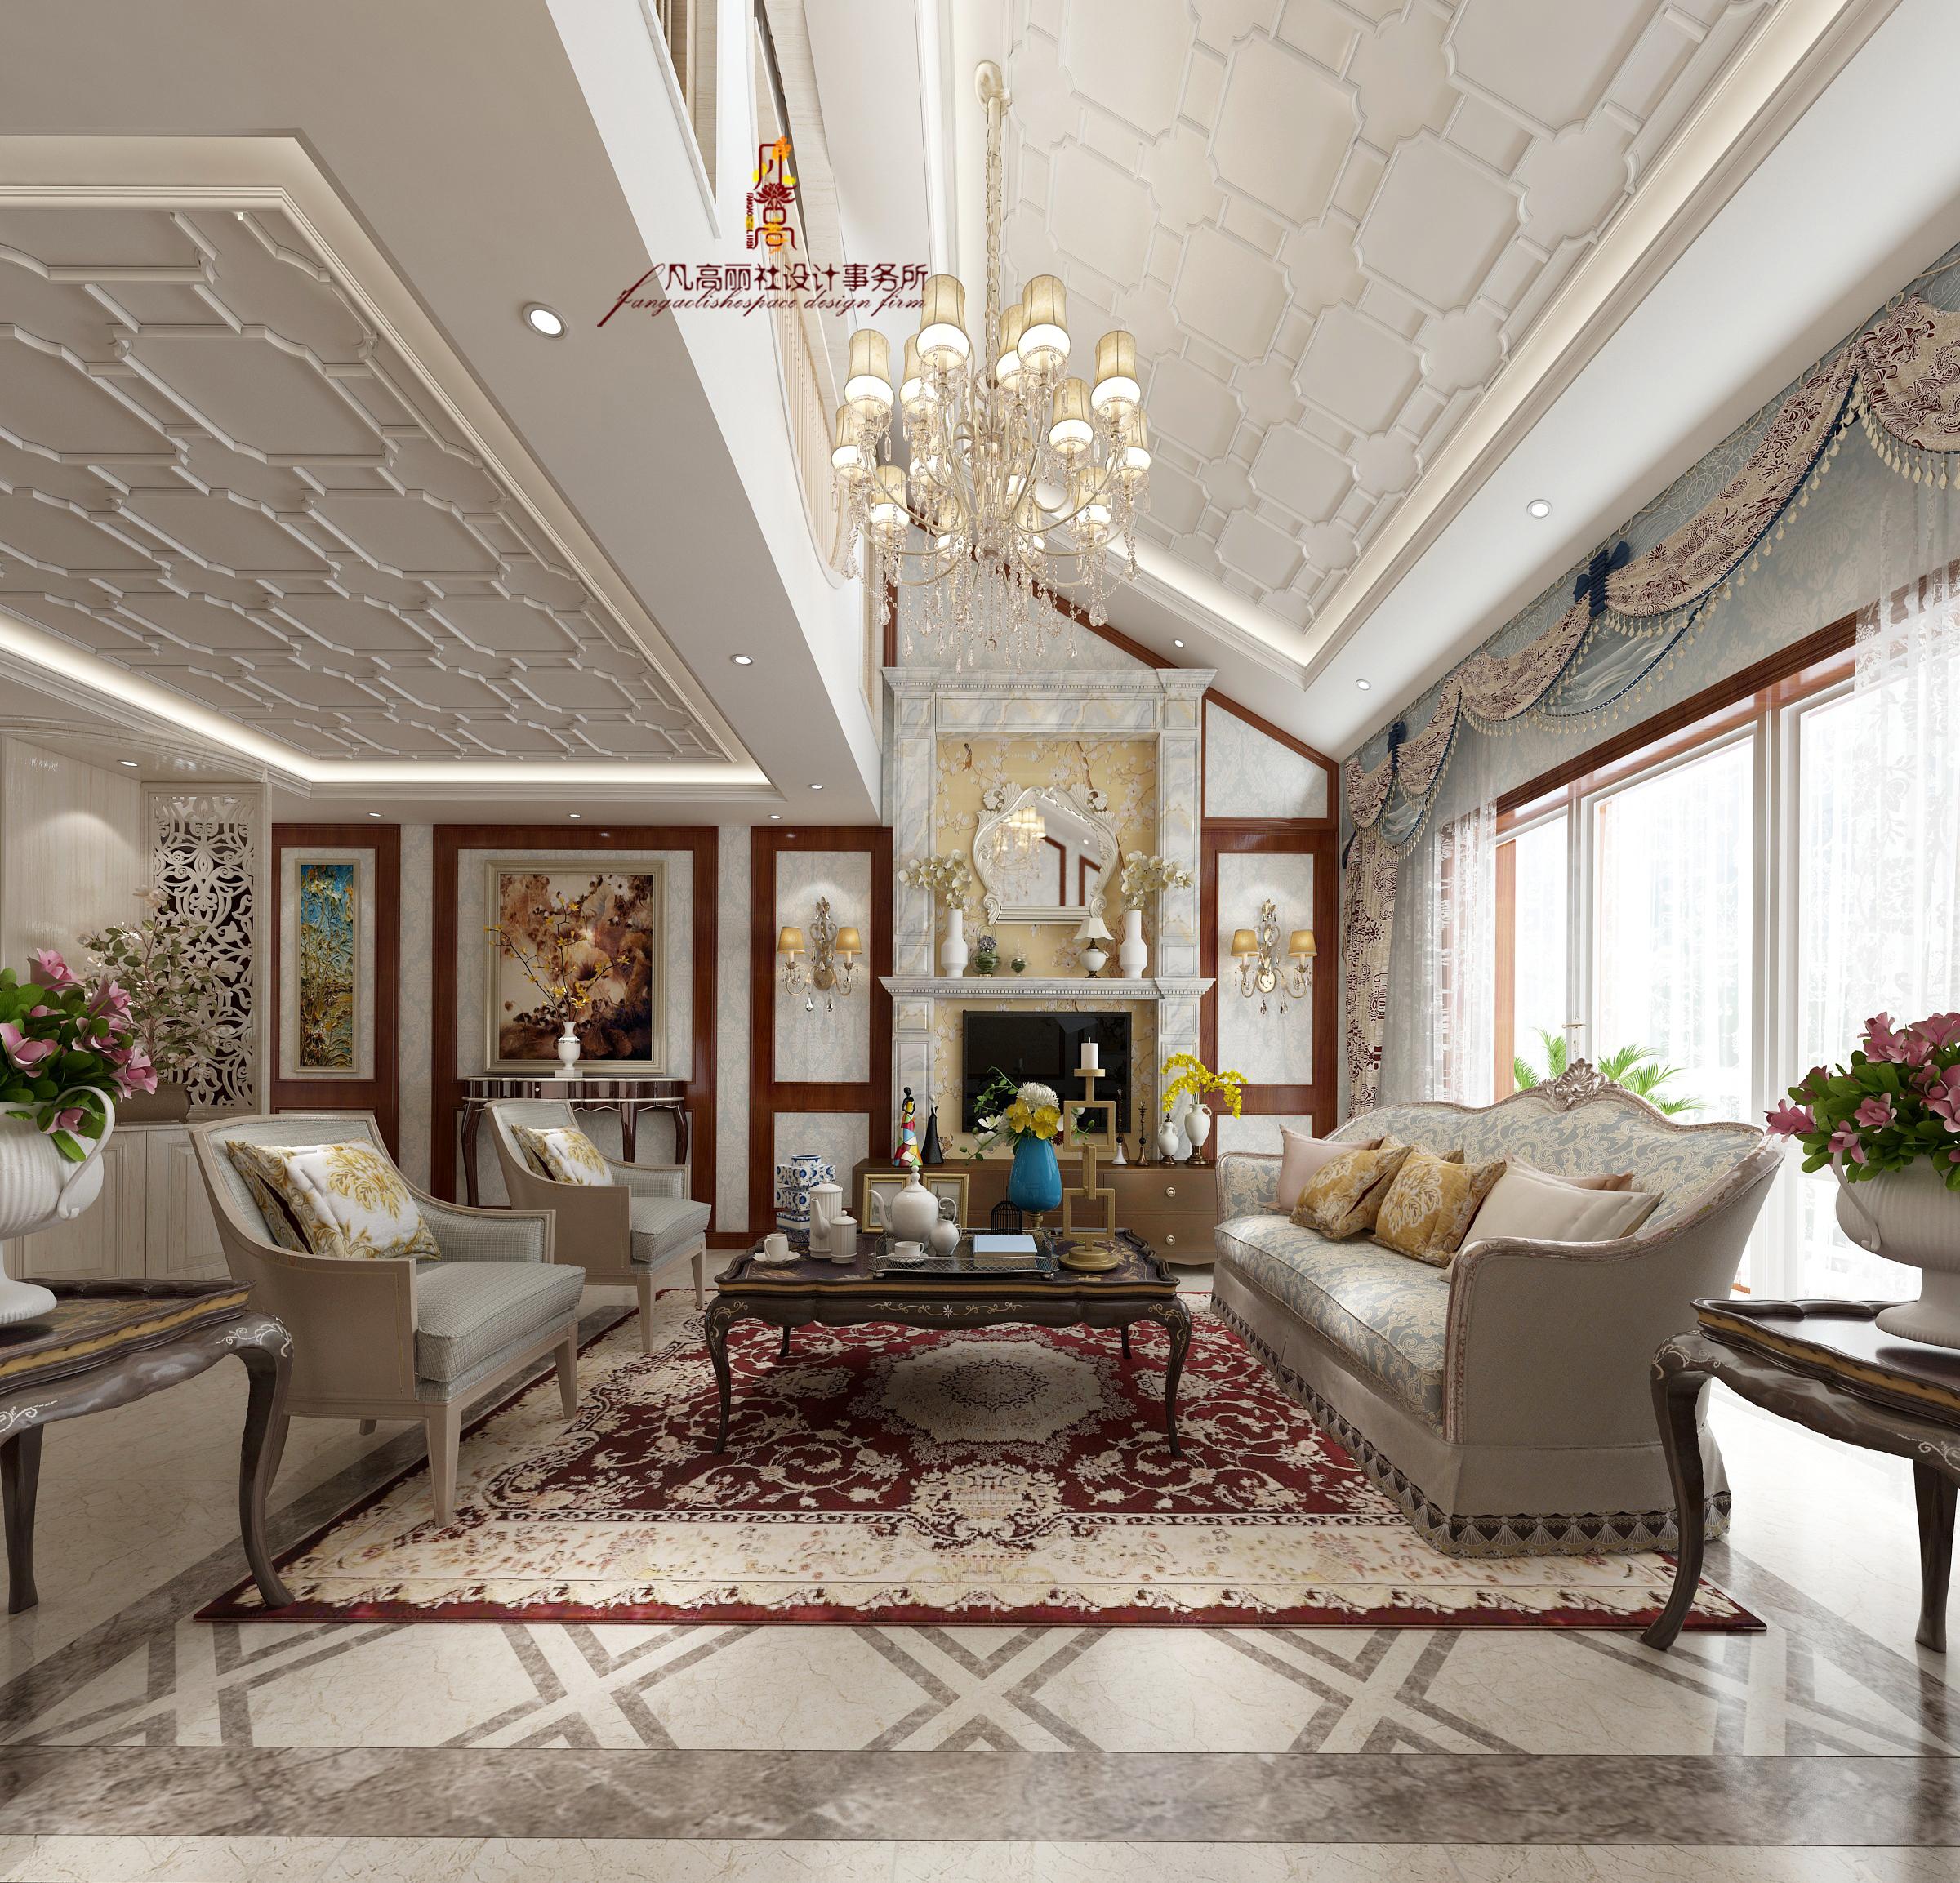 原创设计 客厅图片来自天津凡高丽社空间设计事务所在美式新古典-轻奢图片